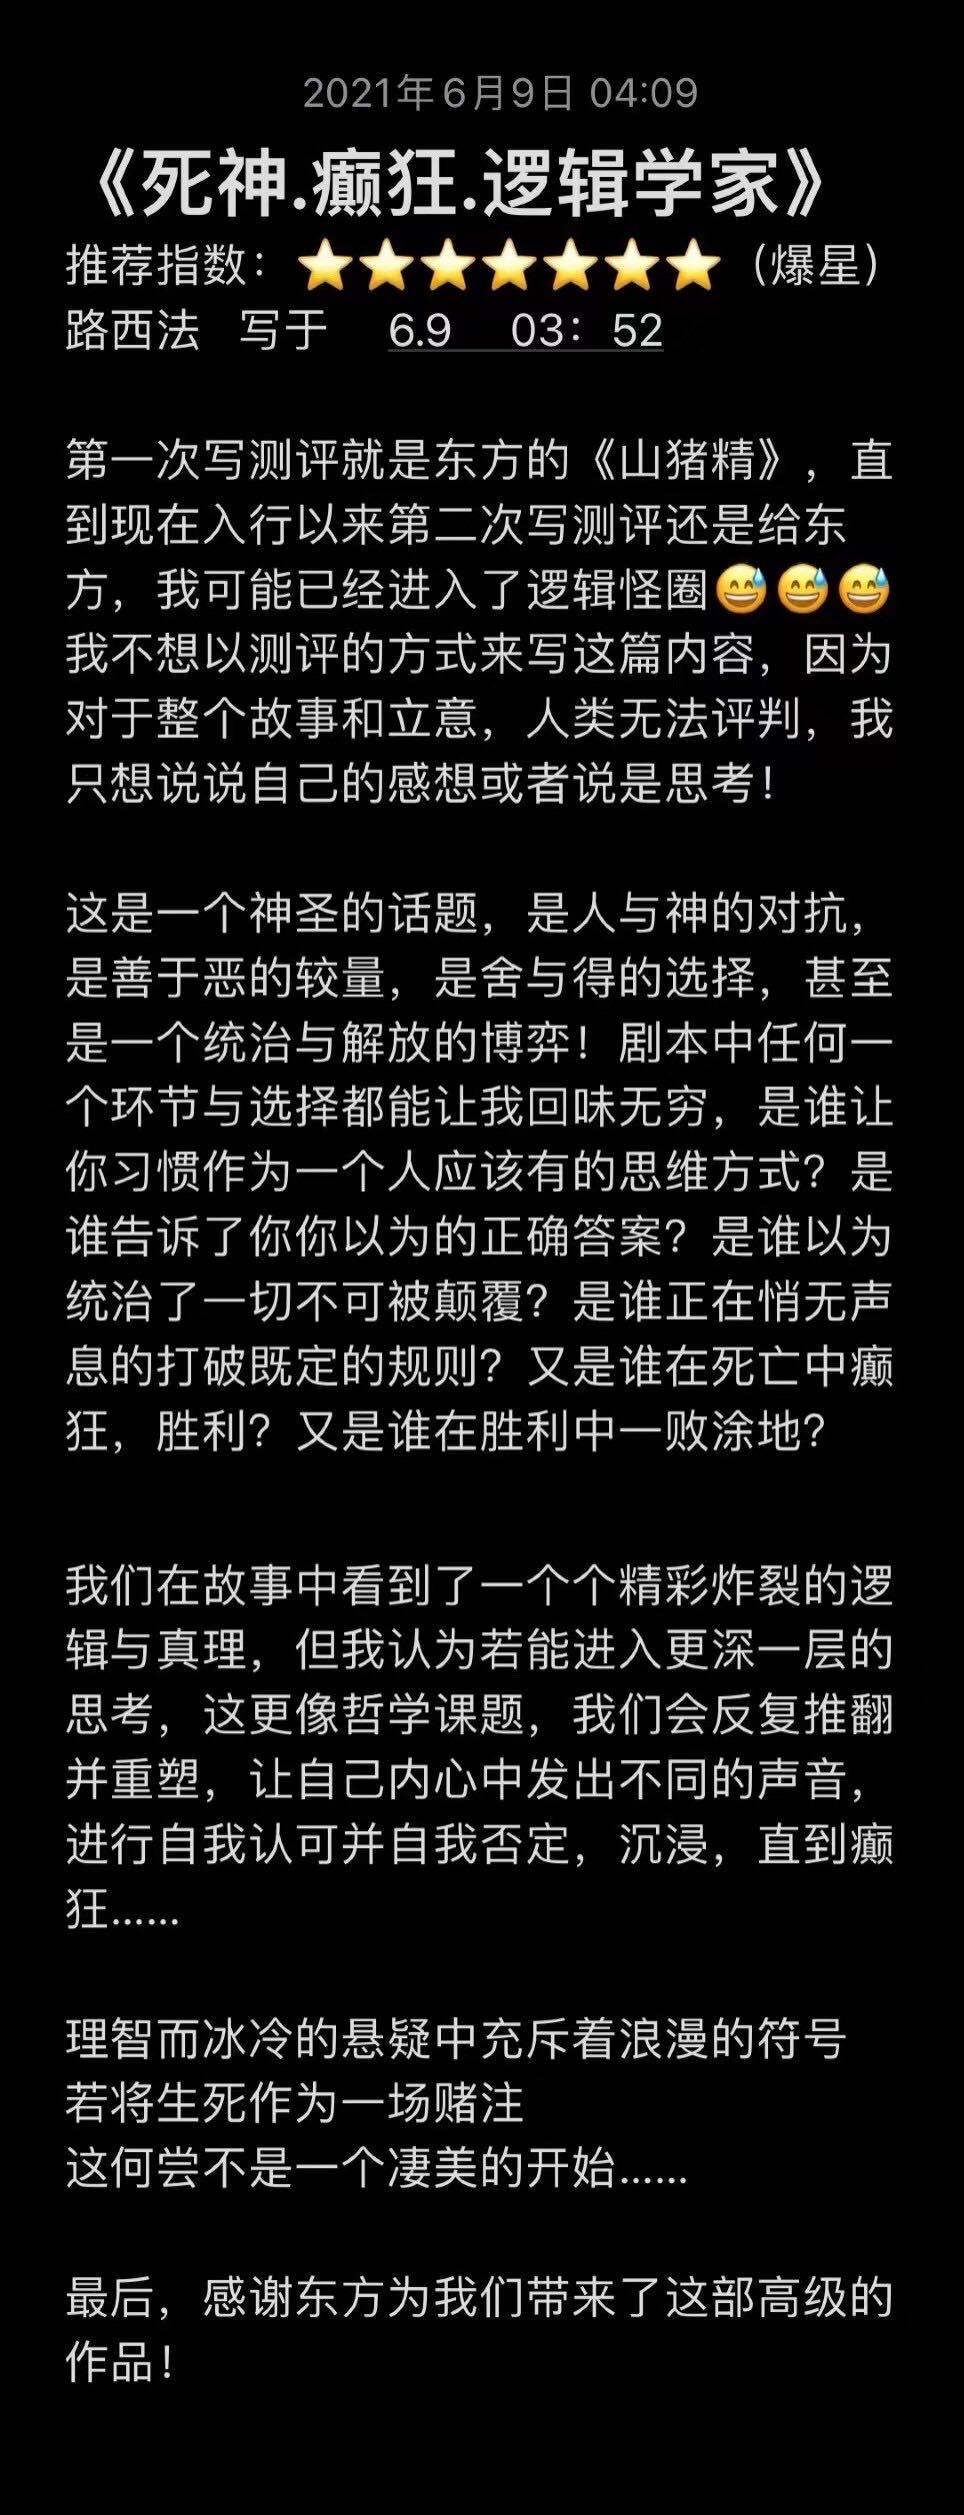 『死神,癫狂与逻辑学家』剧本杀复盘/真相解析/凶手是谁/主持人手册